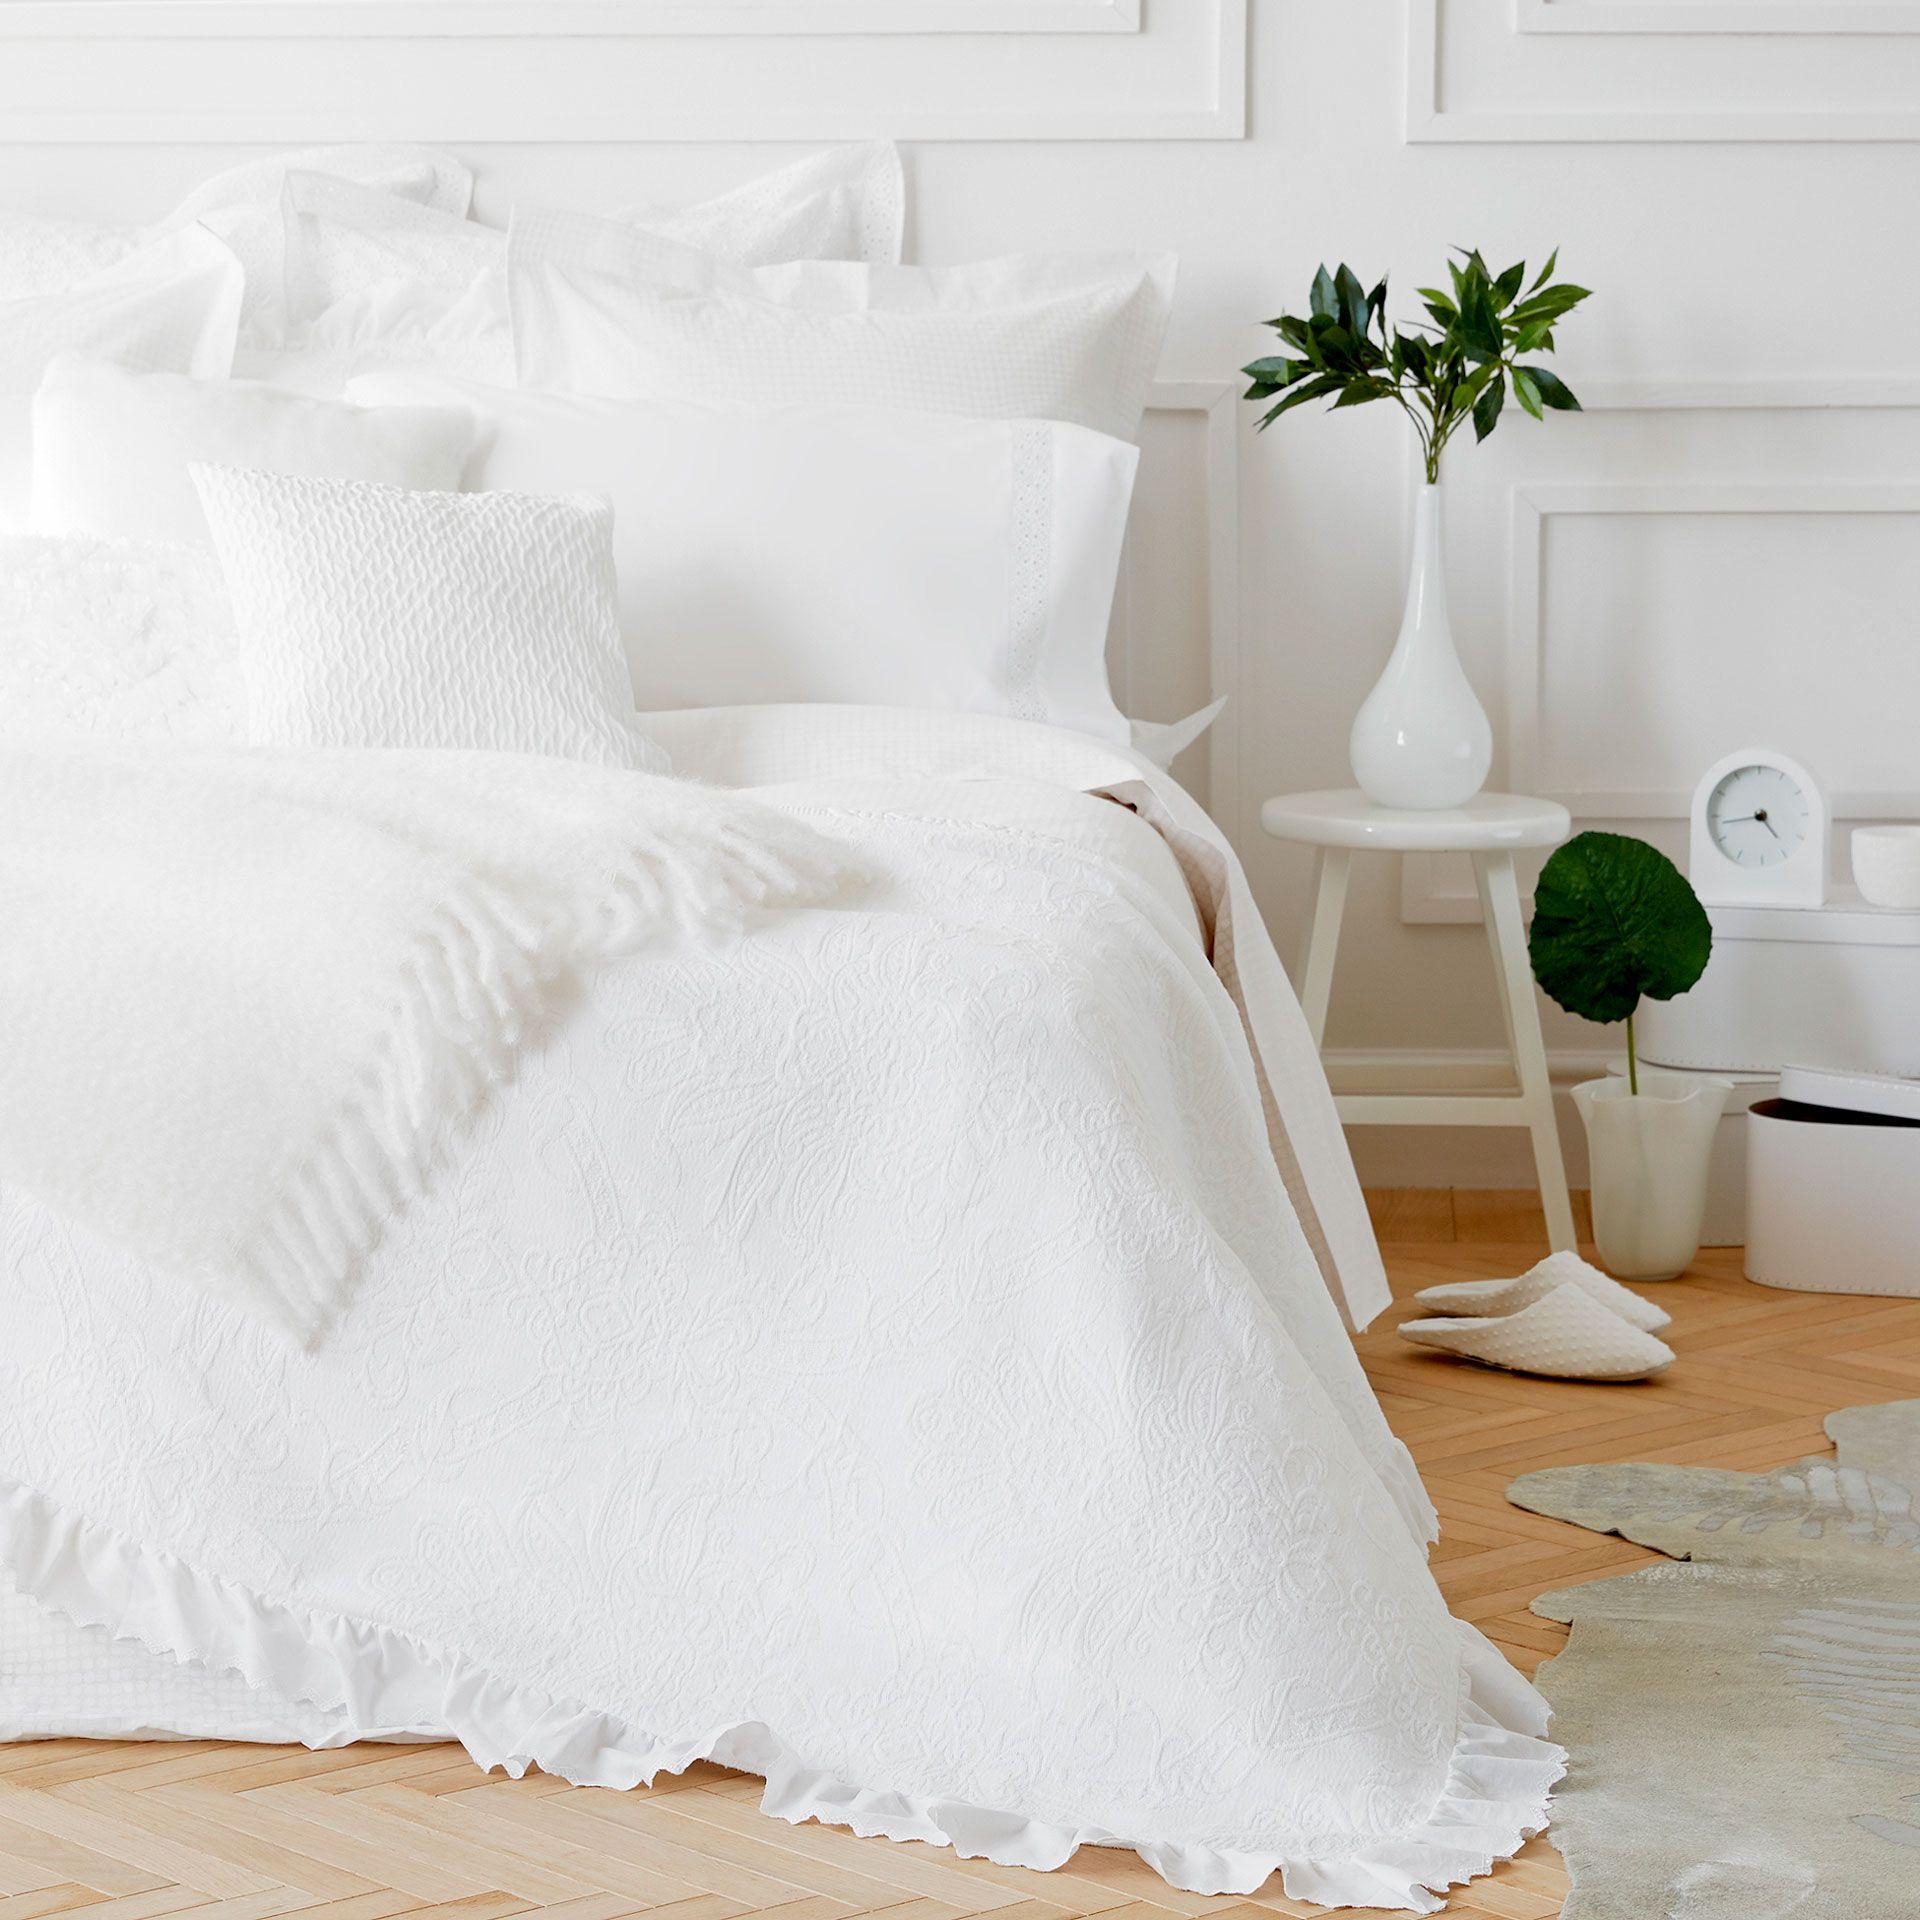 Bild Des Produktes Geblumte Tagesdecke Aus Baumwolle Mit Volant